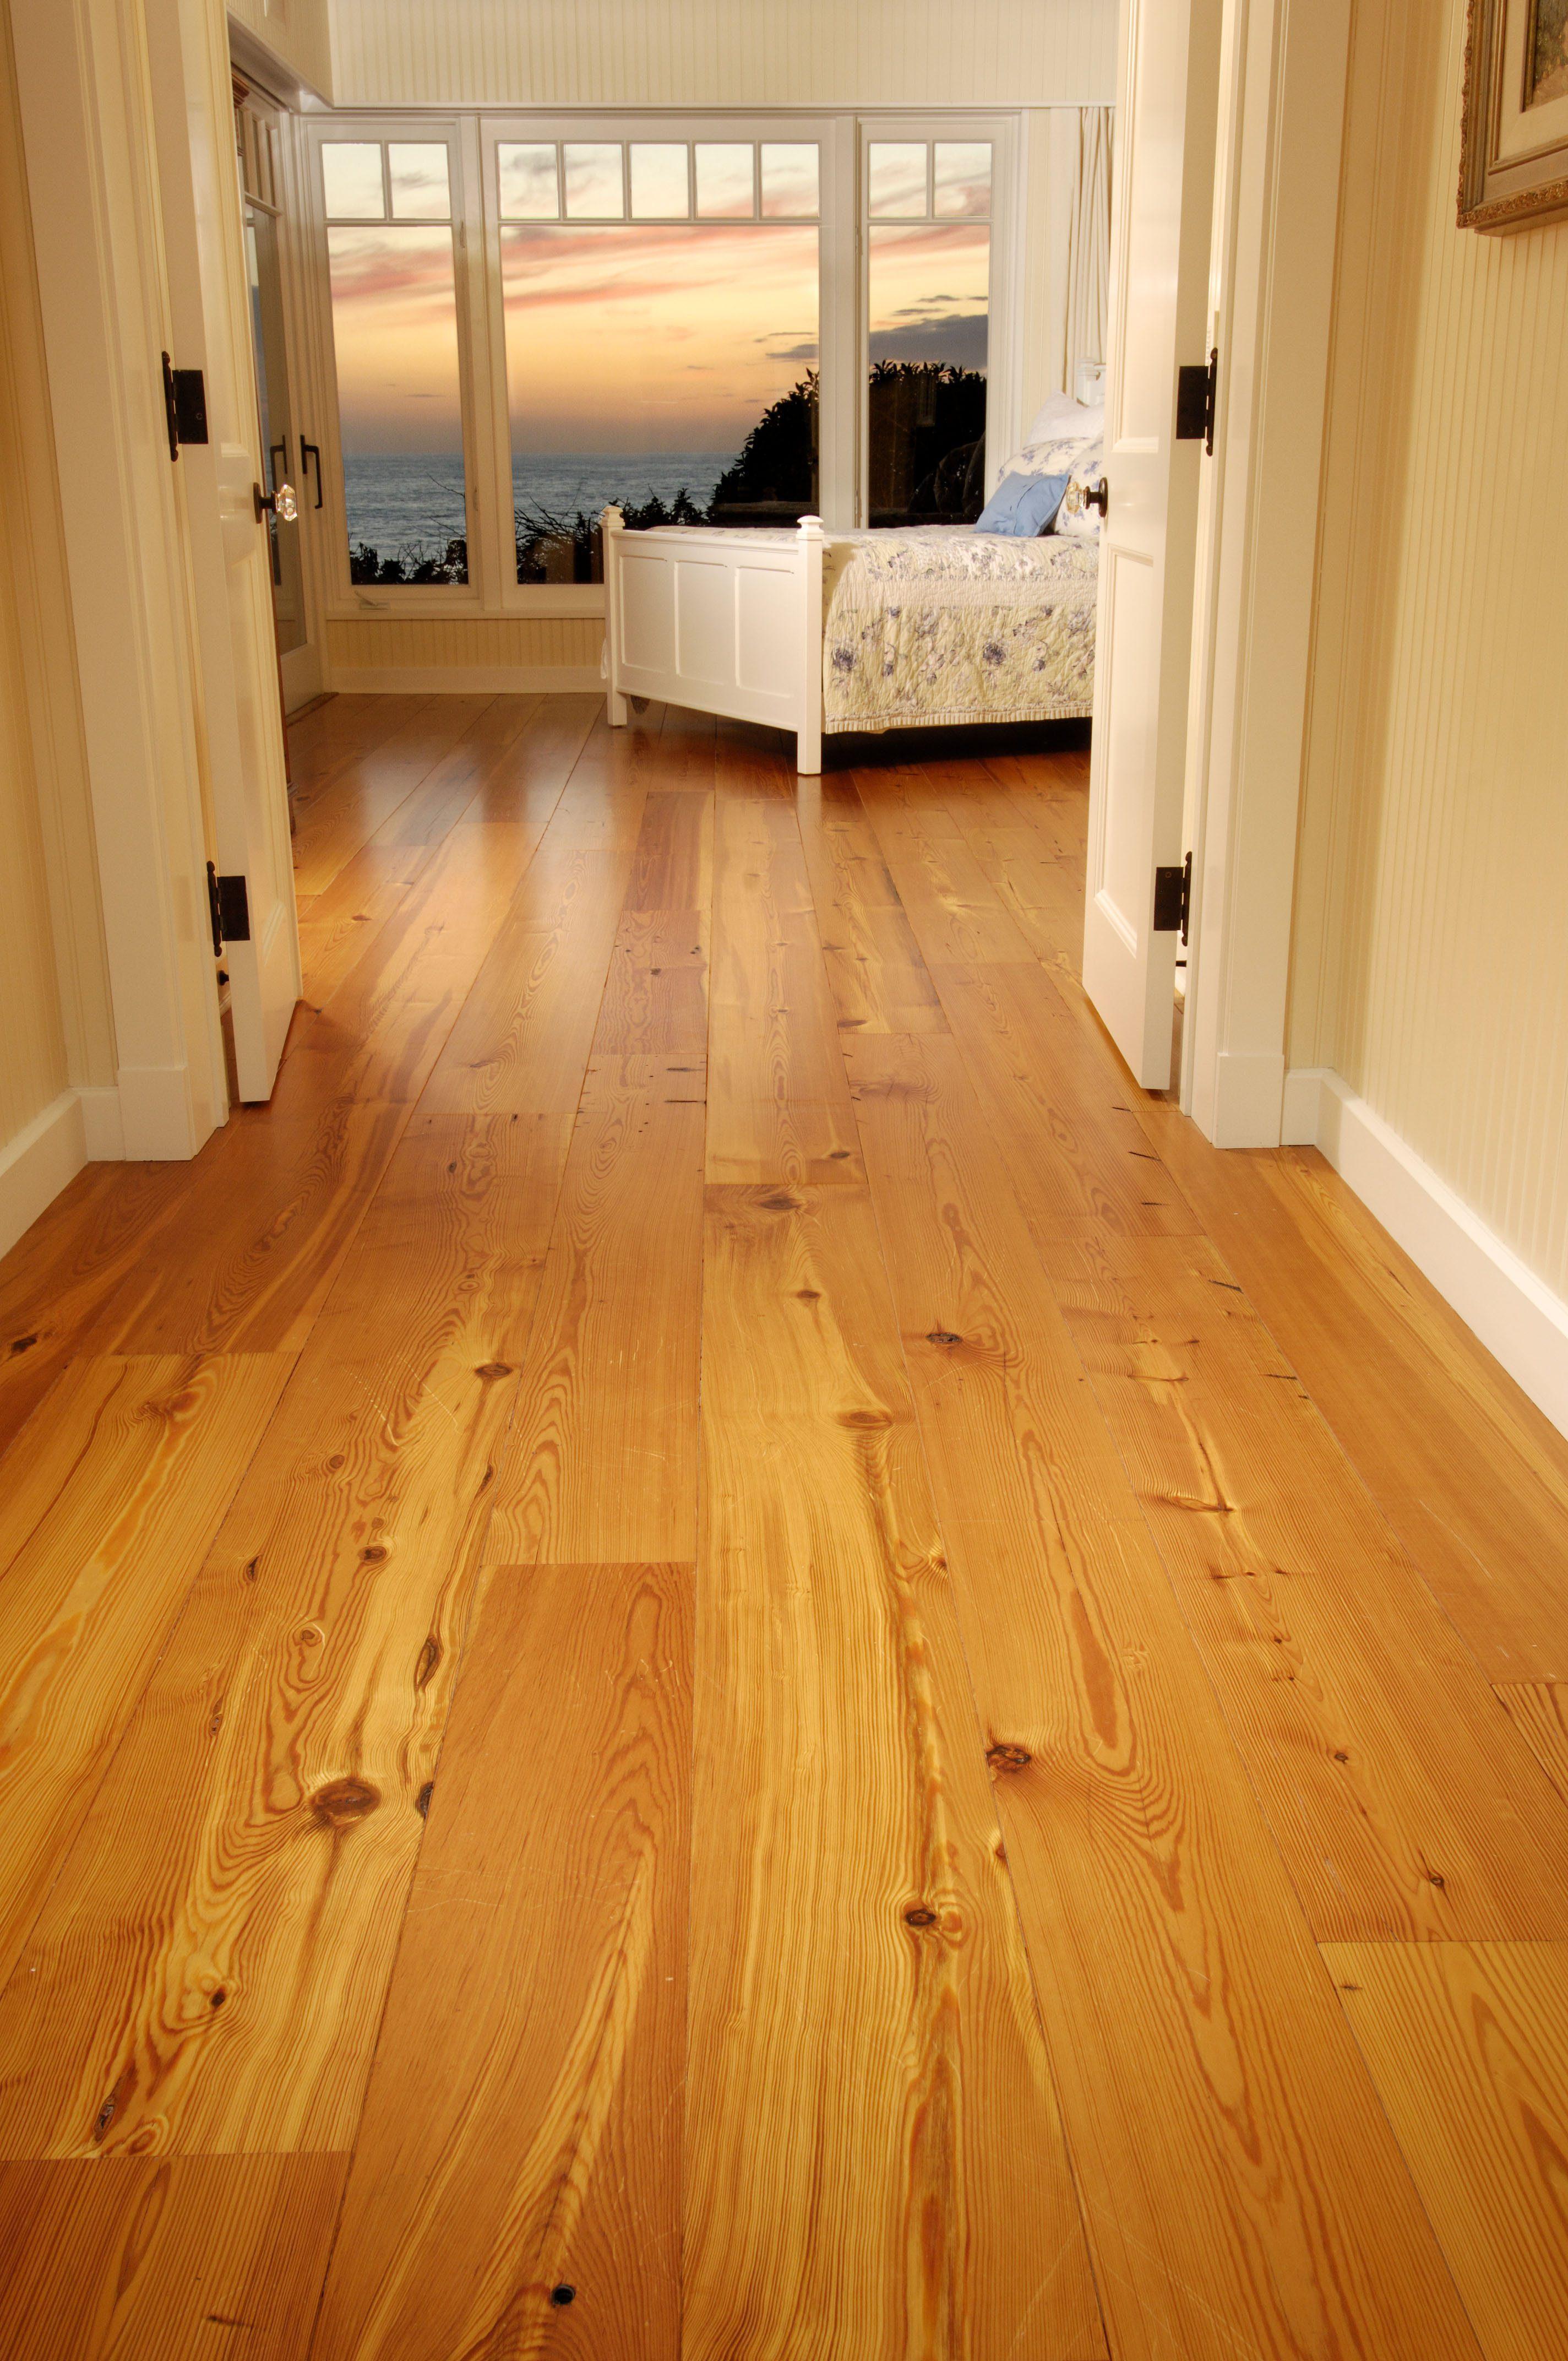 Reclaimed Heart Pine Floors in Oceanfront Bedroom